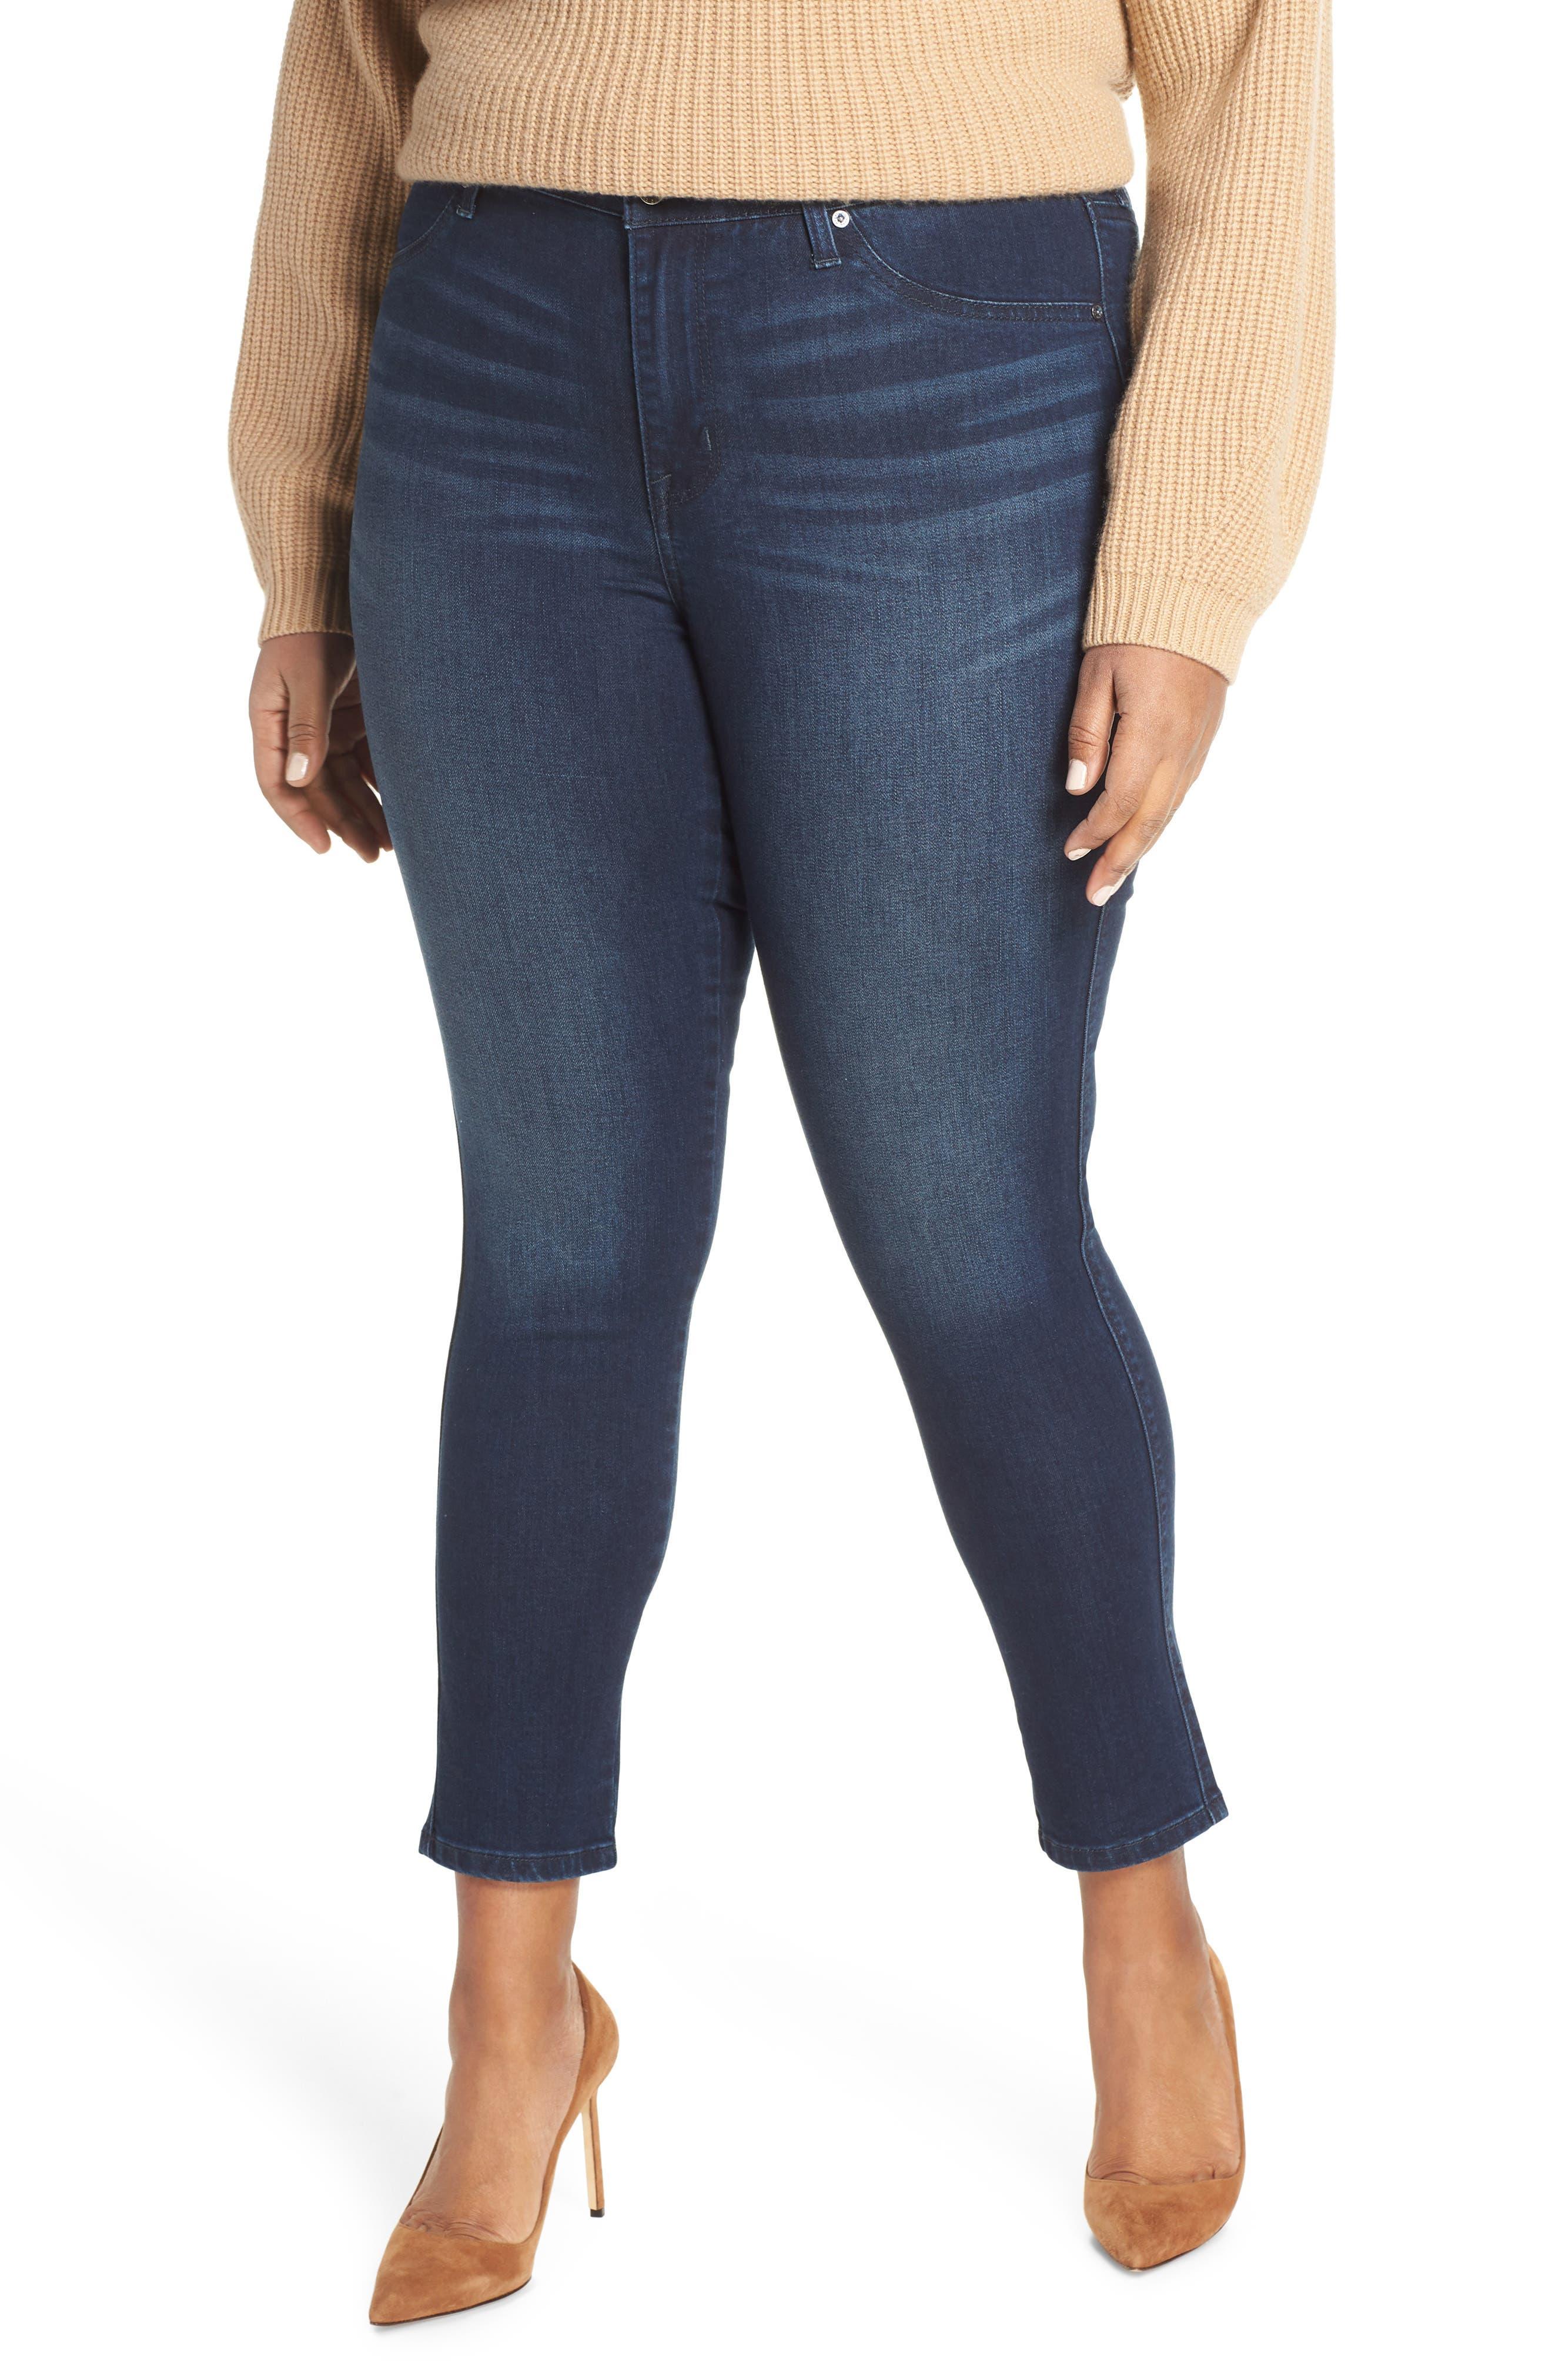 Plus Women's Maxstudio Indigo Perfect Vintage Double Button No Gap High Rise Ankle Jeans